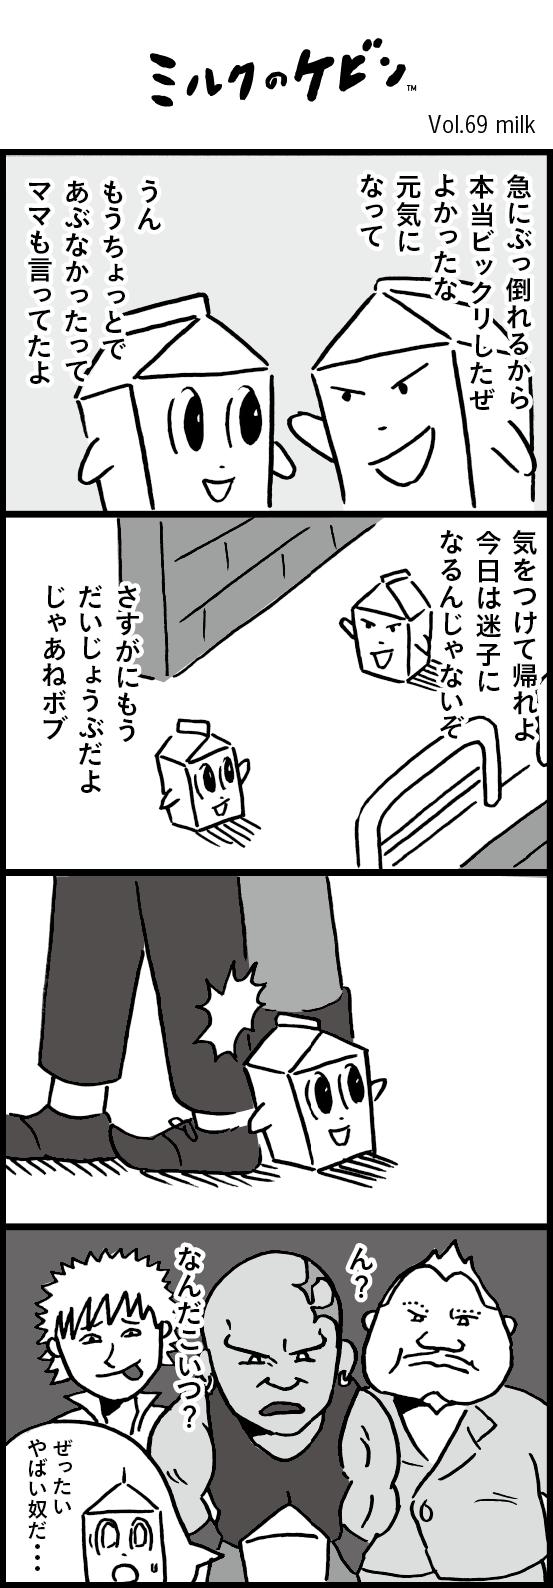 ミルクのケビン vol.69 milk